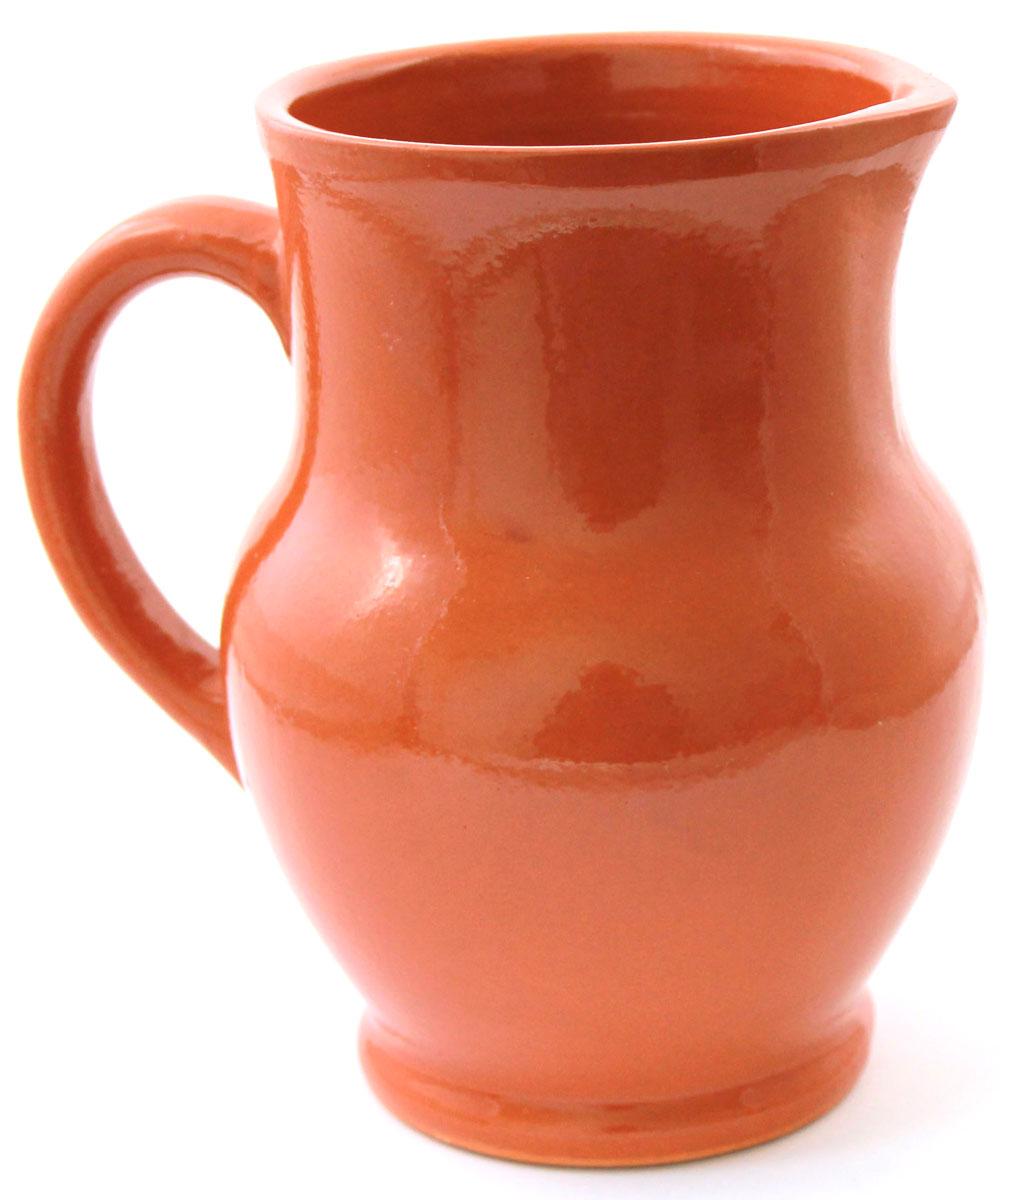 Кувшин Ломоносовская керамика Глинка, 1,3 лVT-1520(SR)Кувшин Ломоносовская керамика изготовлен из высококачественной глины. Он прекрасно подходит для подачи воды, сока, компота и других напитков. Изящный кувшин красиво оформит стол и порадует вас элегантным дизайном и простотой ухода.Диаметр: 16 см.Высота: 17,5 см.